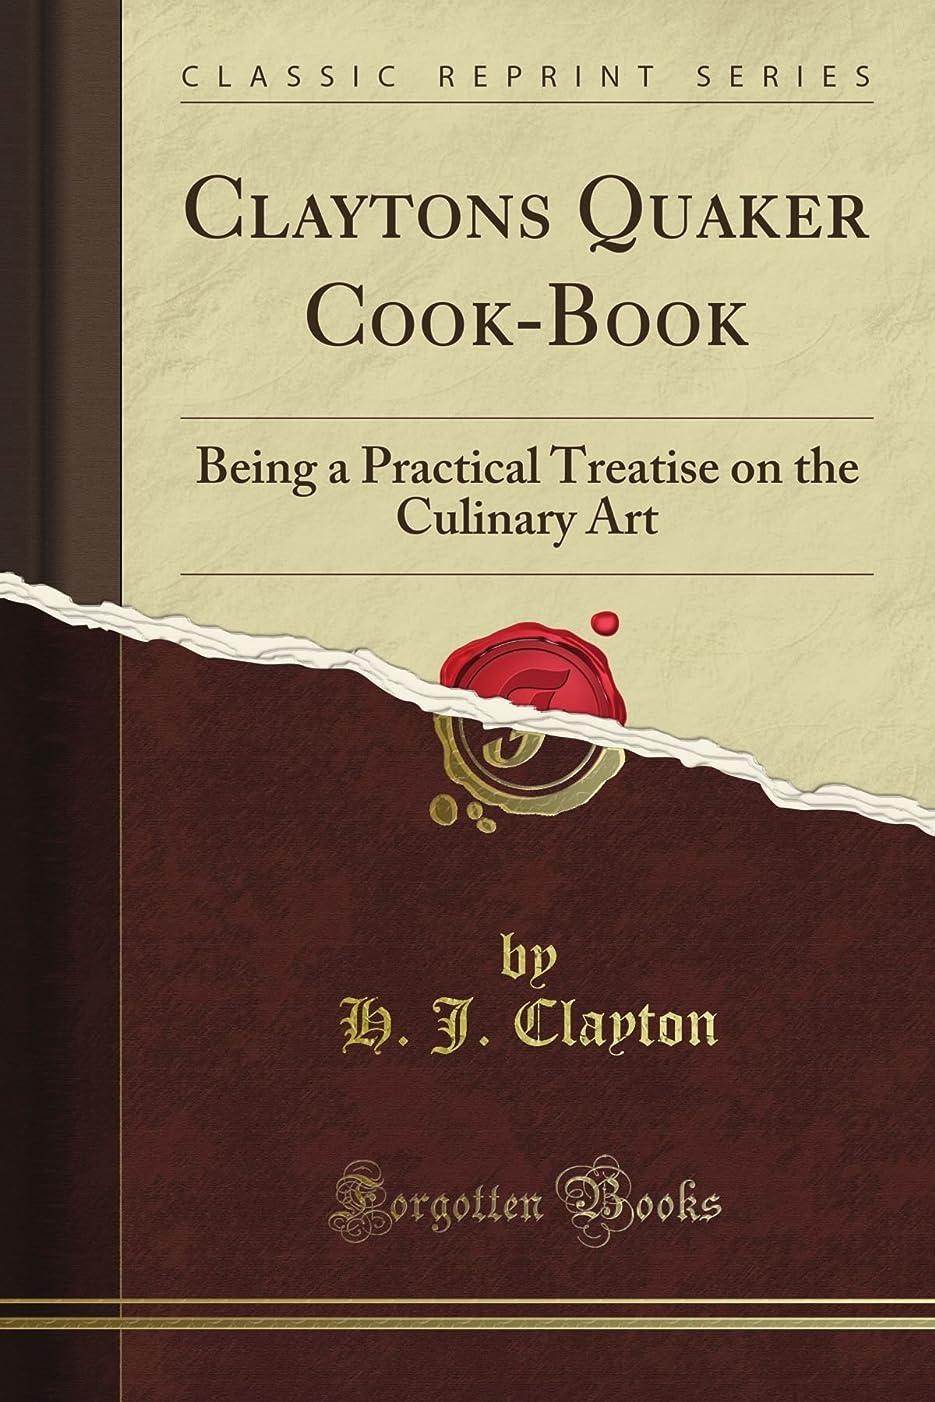 エラー広々メタルラインClayton's Quaker Cook-Book: Being a Practical Treatise on the Culinary Art (Classic Reprint)